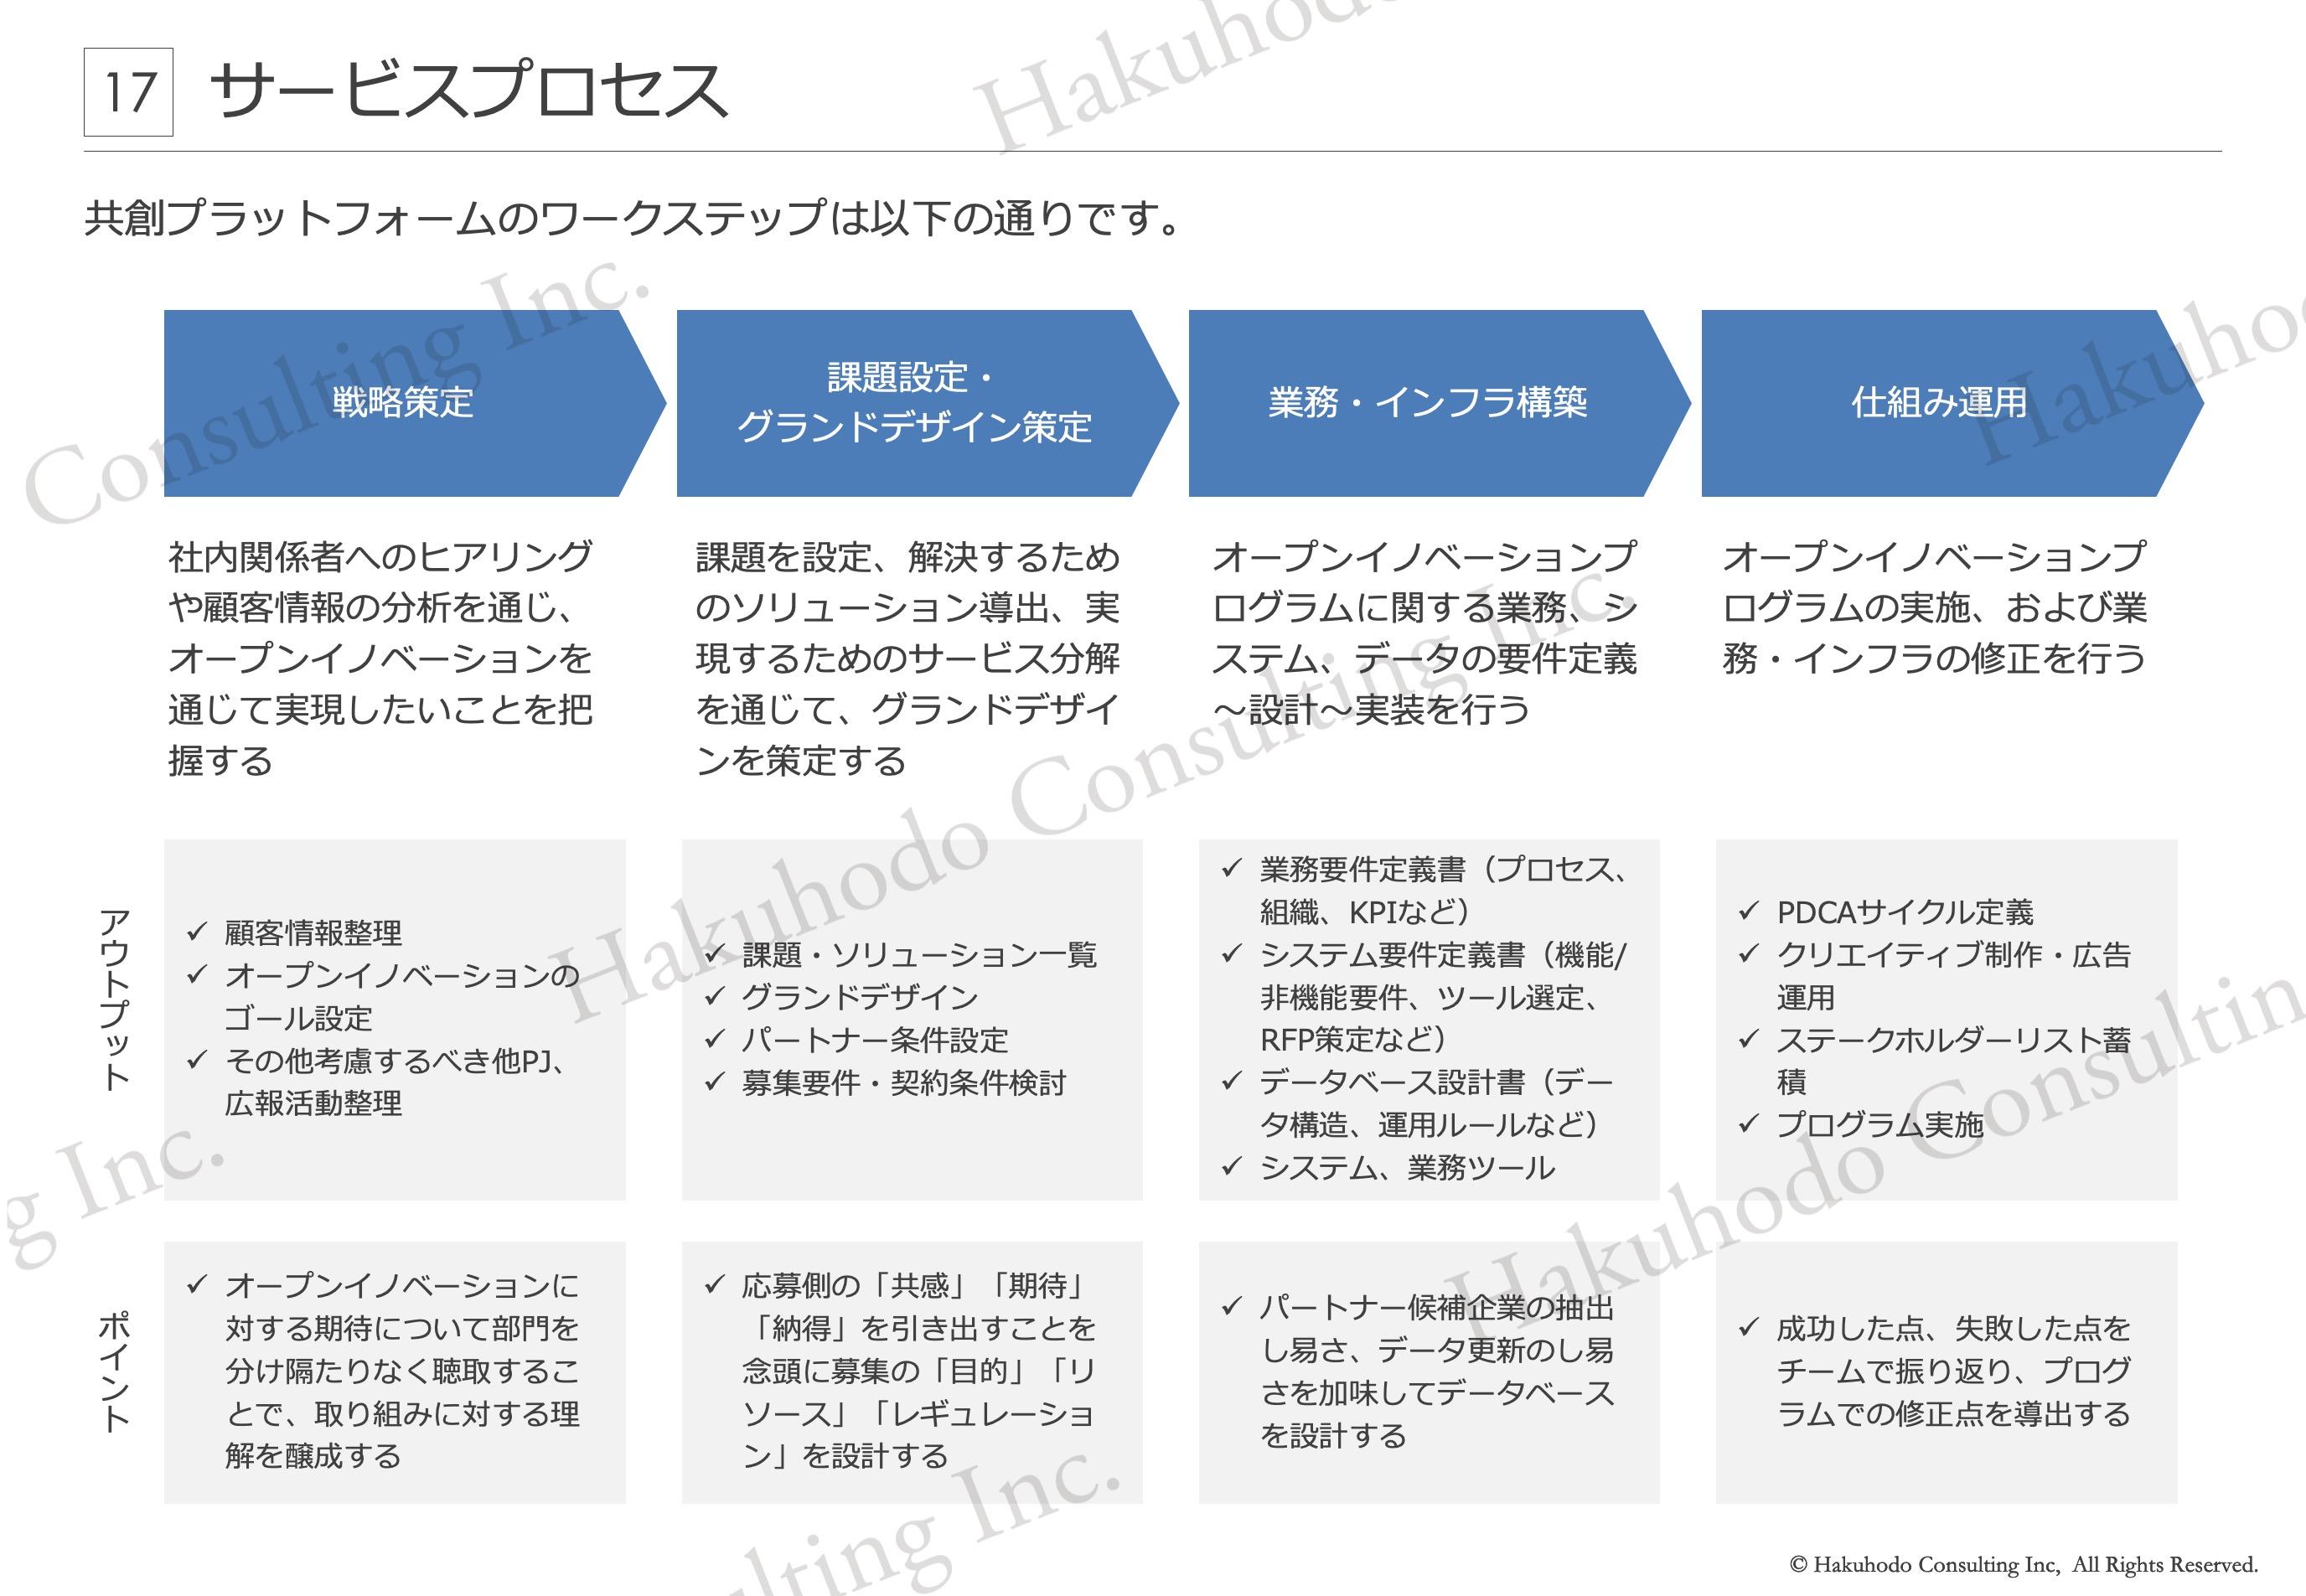 共創プラットフォームのワークステップ